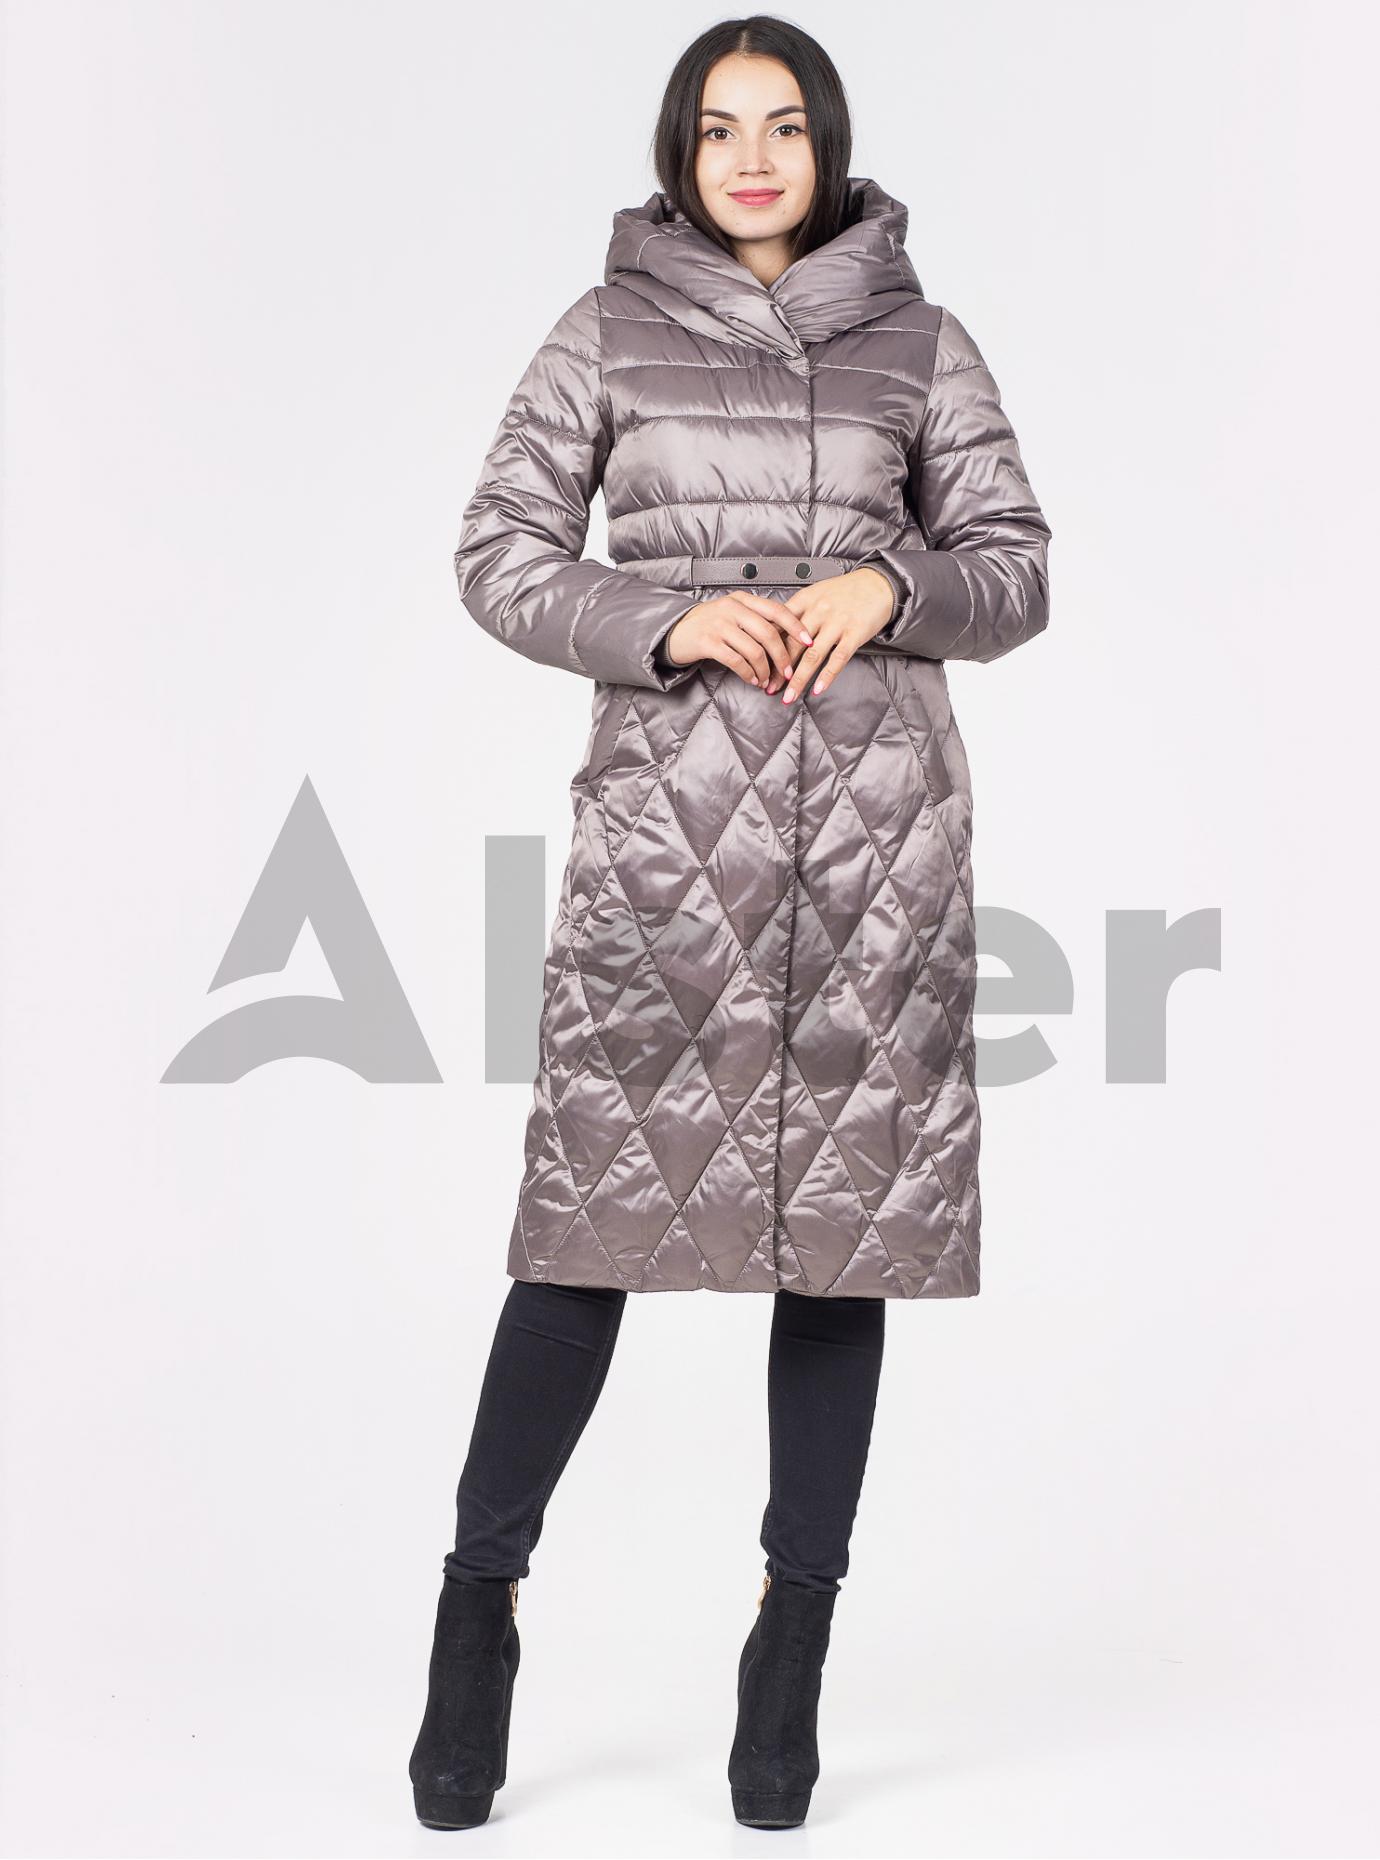 Пальто зимове з поясом Сірий 42 (02-N200233): фото - Alster.ua